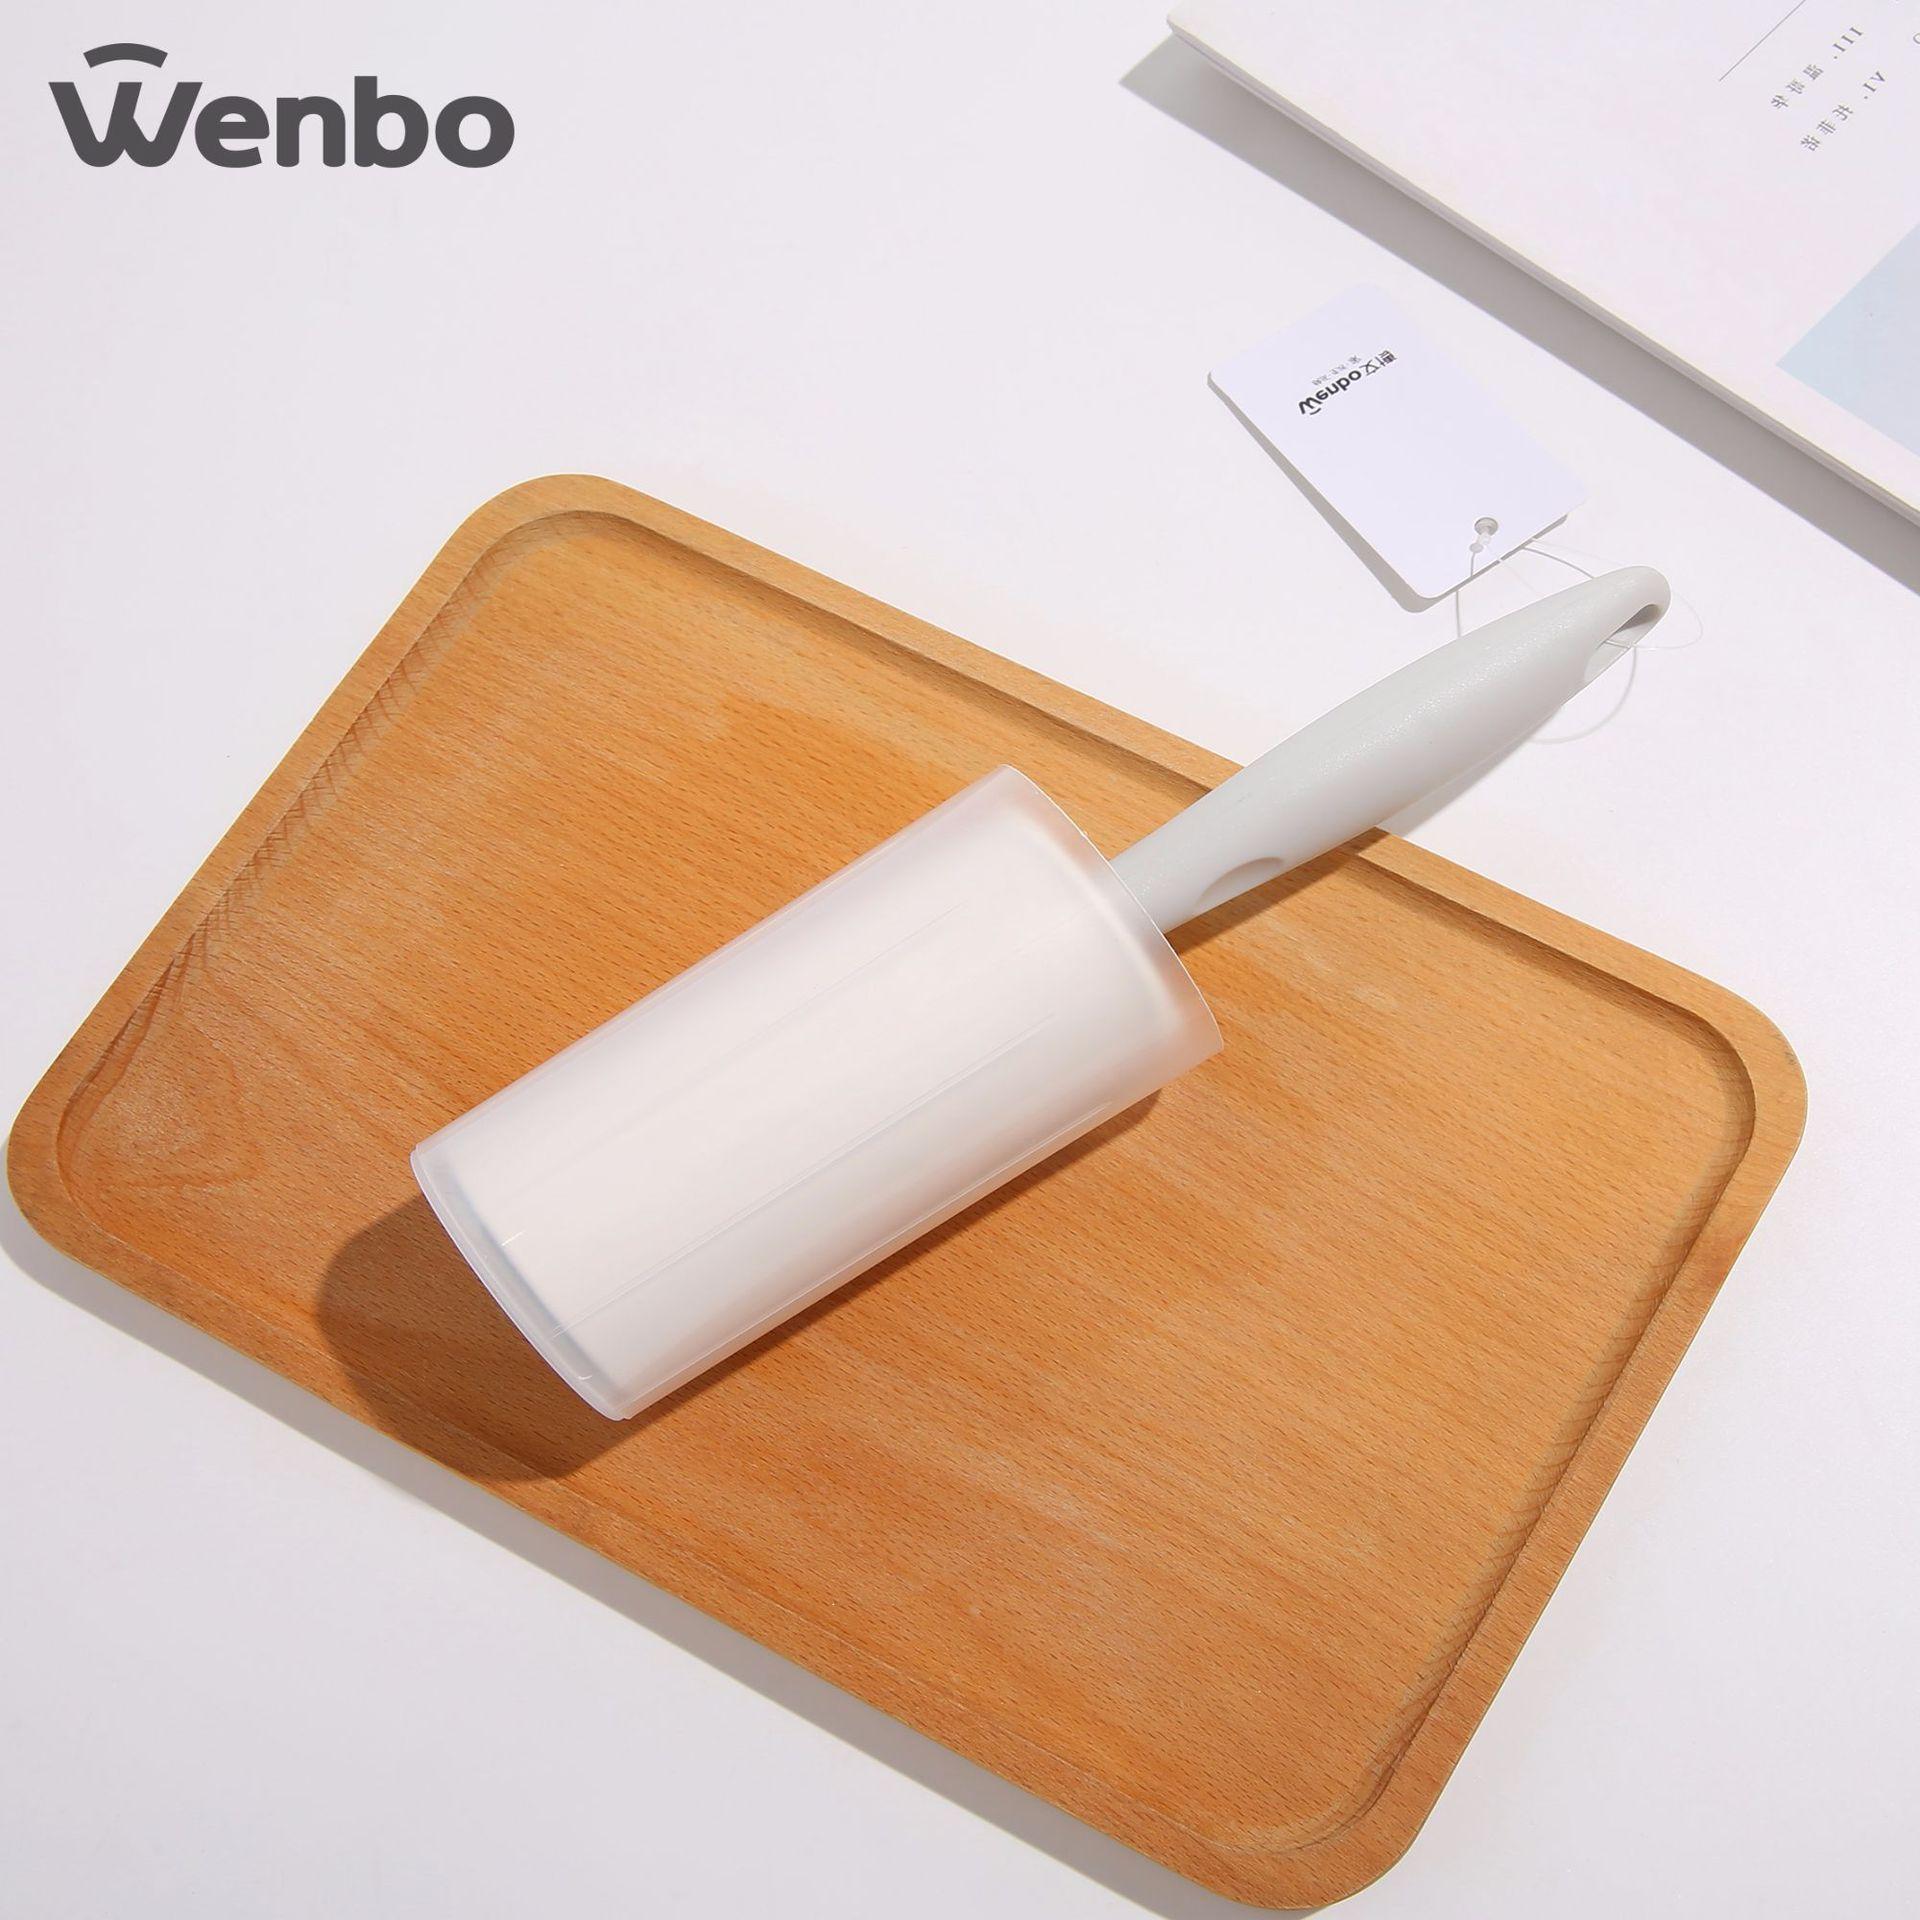 文博直杆圆桶粘尘纸粘毛器60撕  可挂斜撕粘毛器粘毛滚直筒粘尘纸